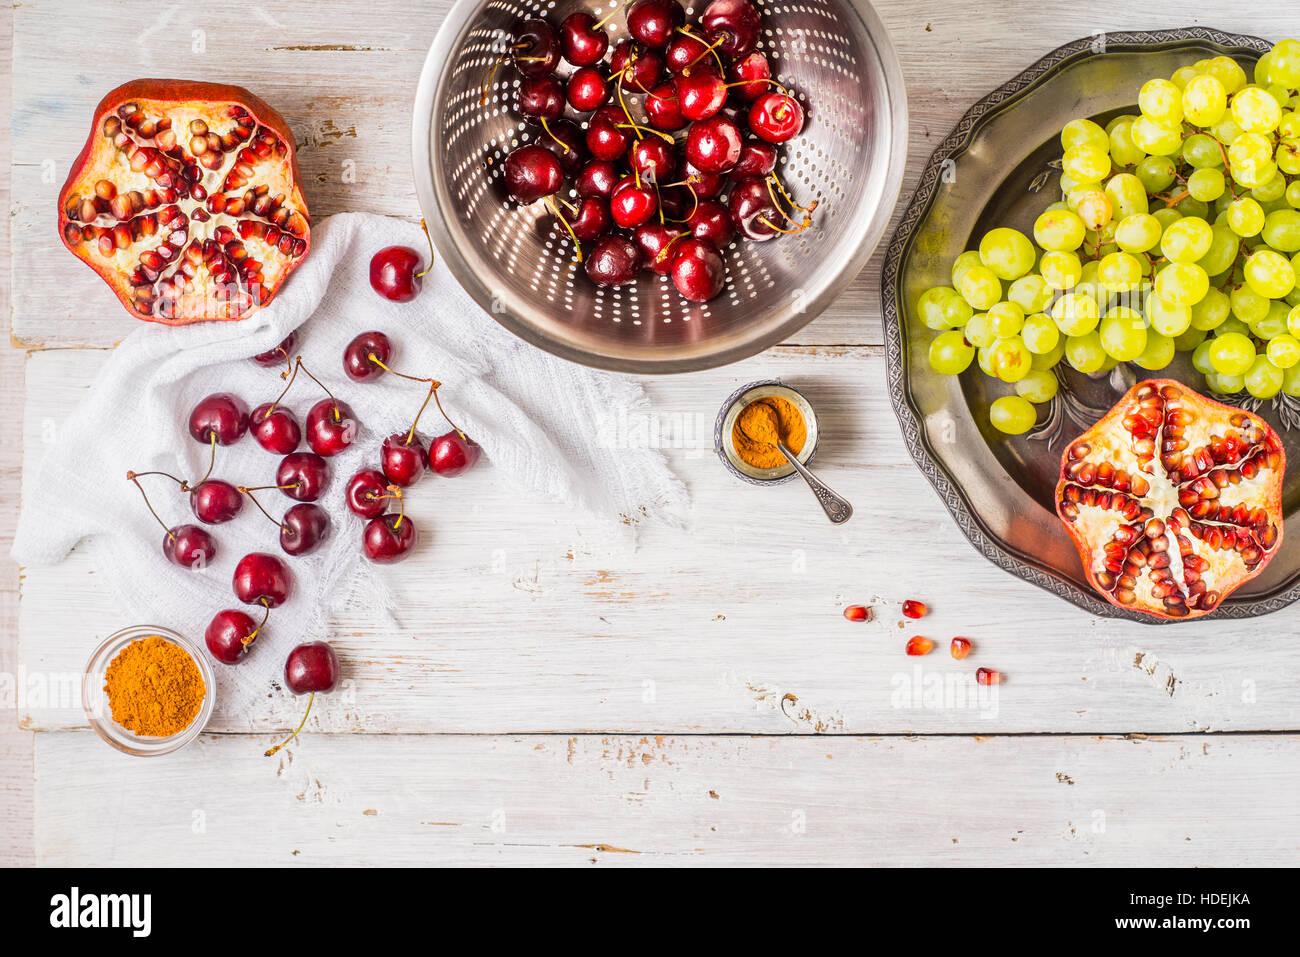 Différents fruits et d'épices sur la table en bois blanc. Concept de fruits orientaux l'horizontale Photo Stock